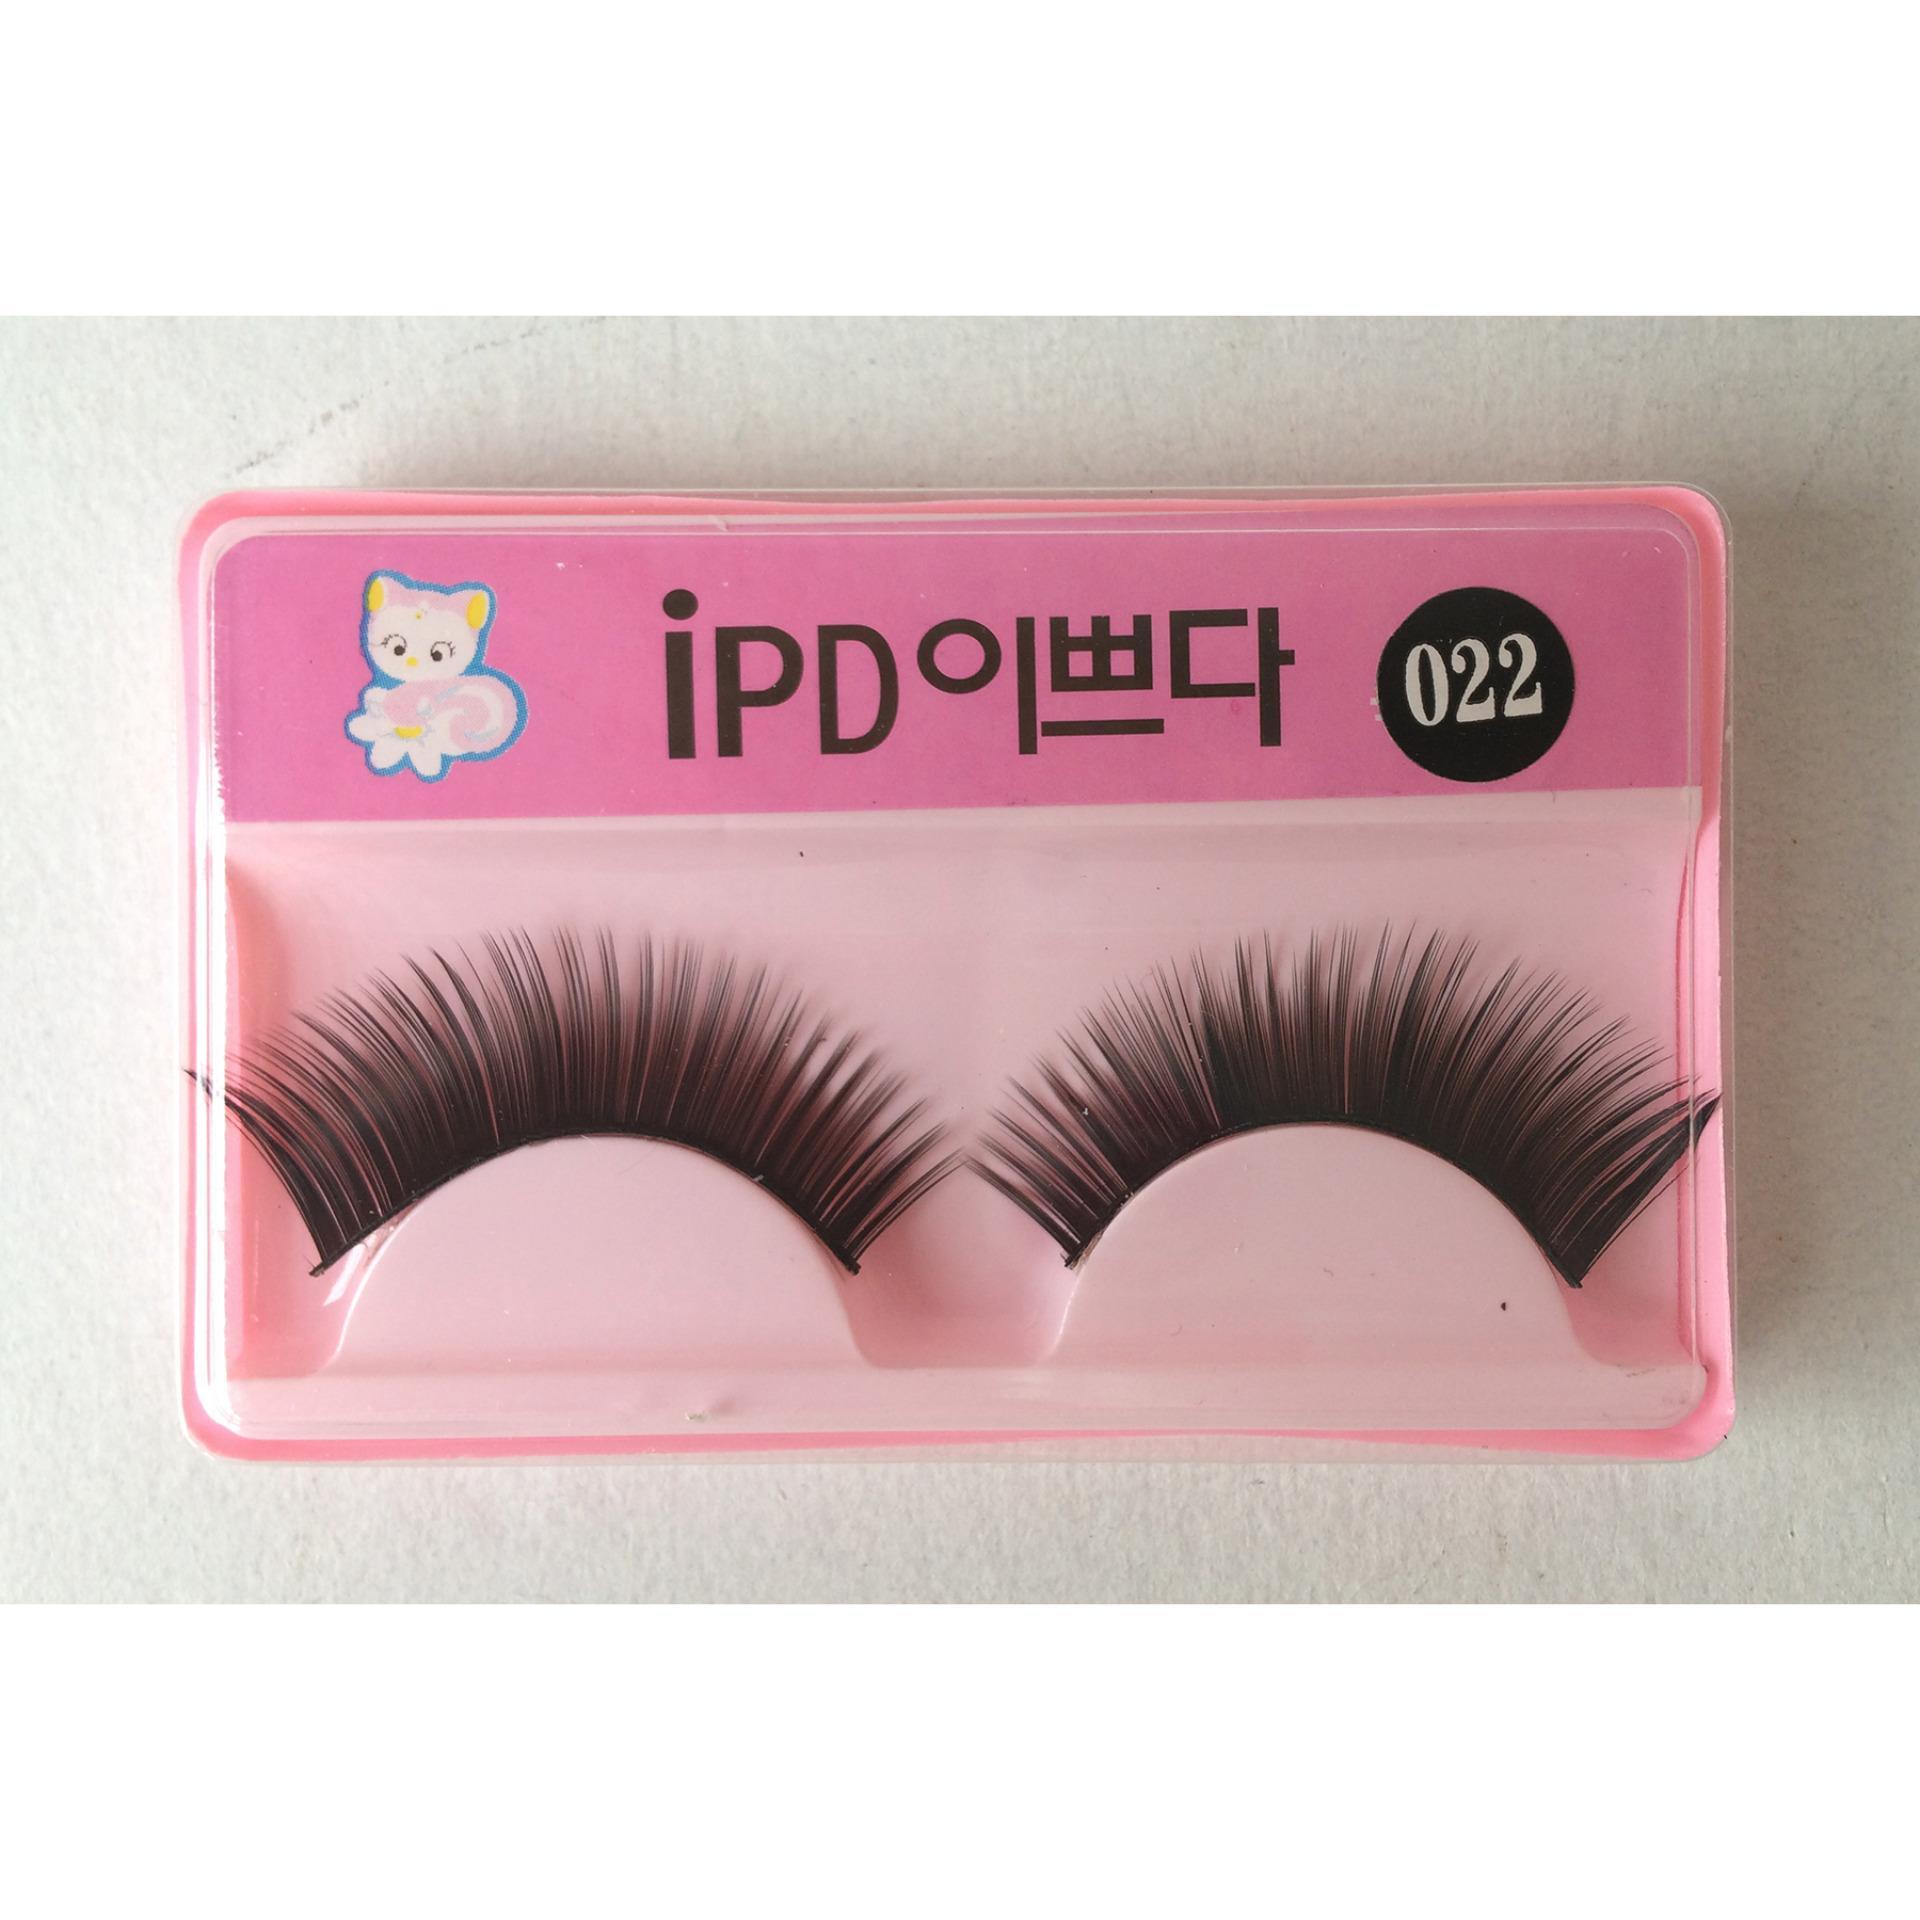 Fleur Lash Premium Eyelashes Bulu Mata Palsu Aster Update Daftar Meisa Tipe Julia Fake Lashes False Harga Lily